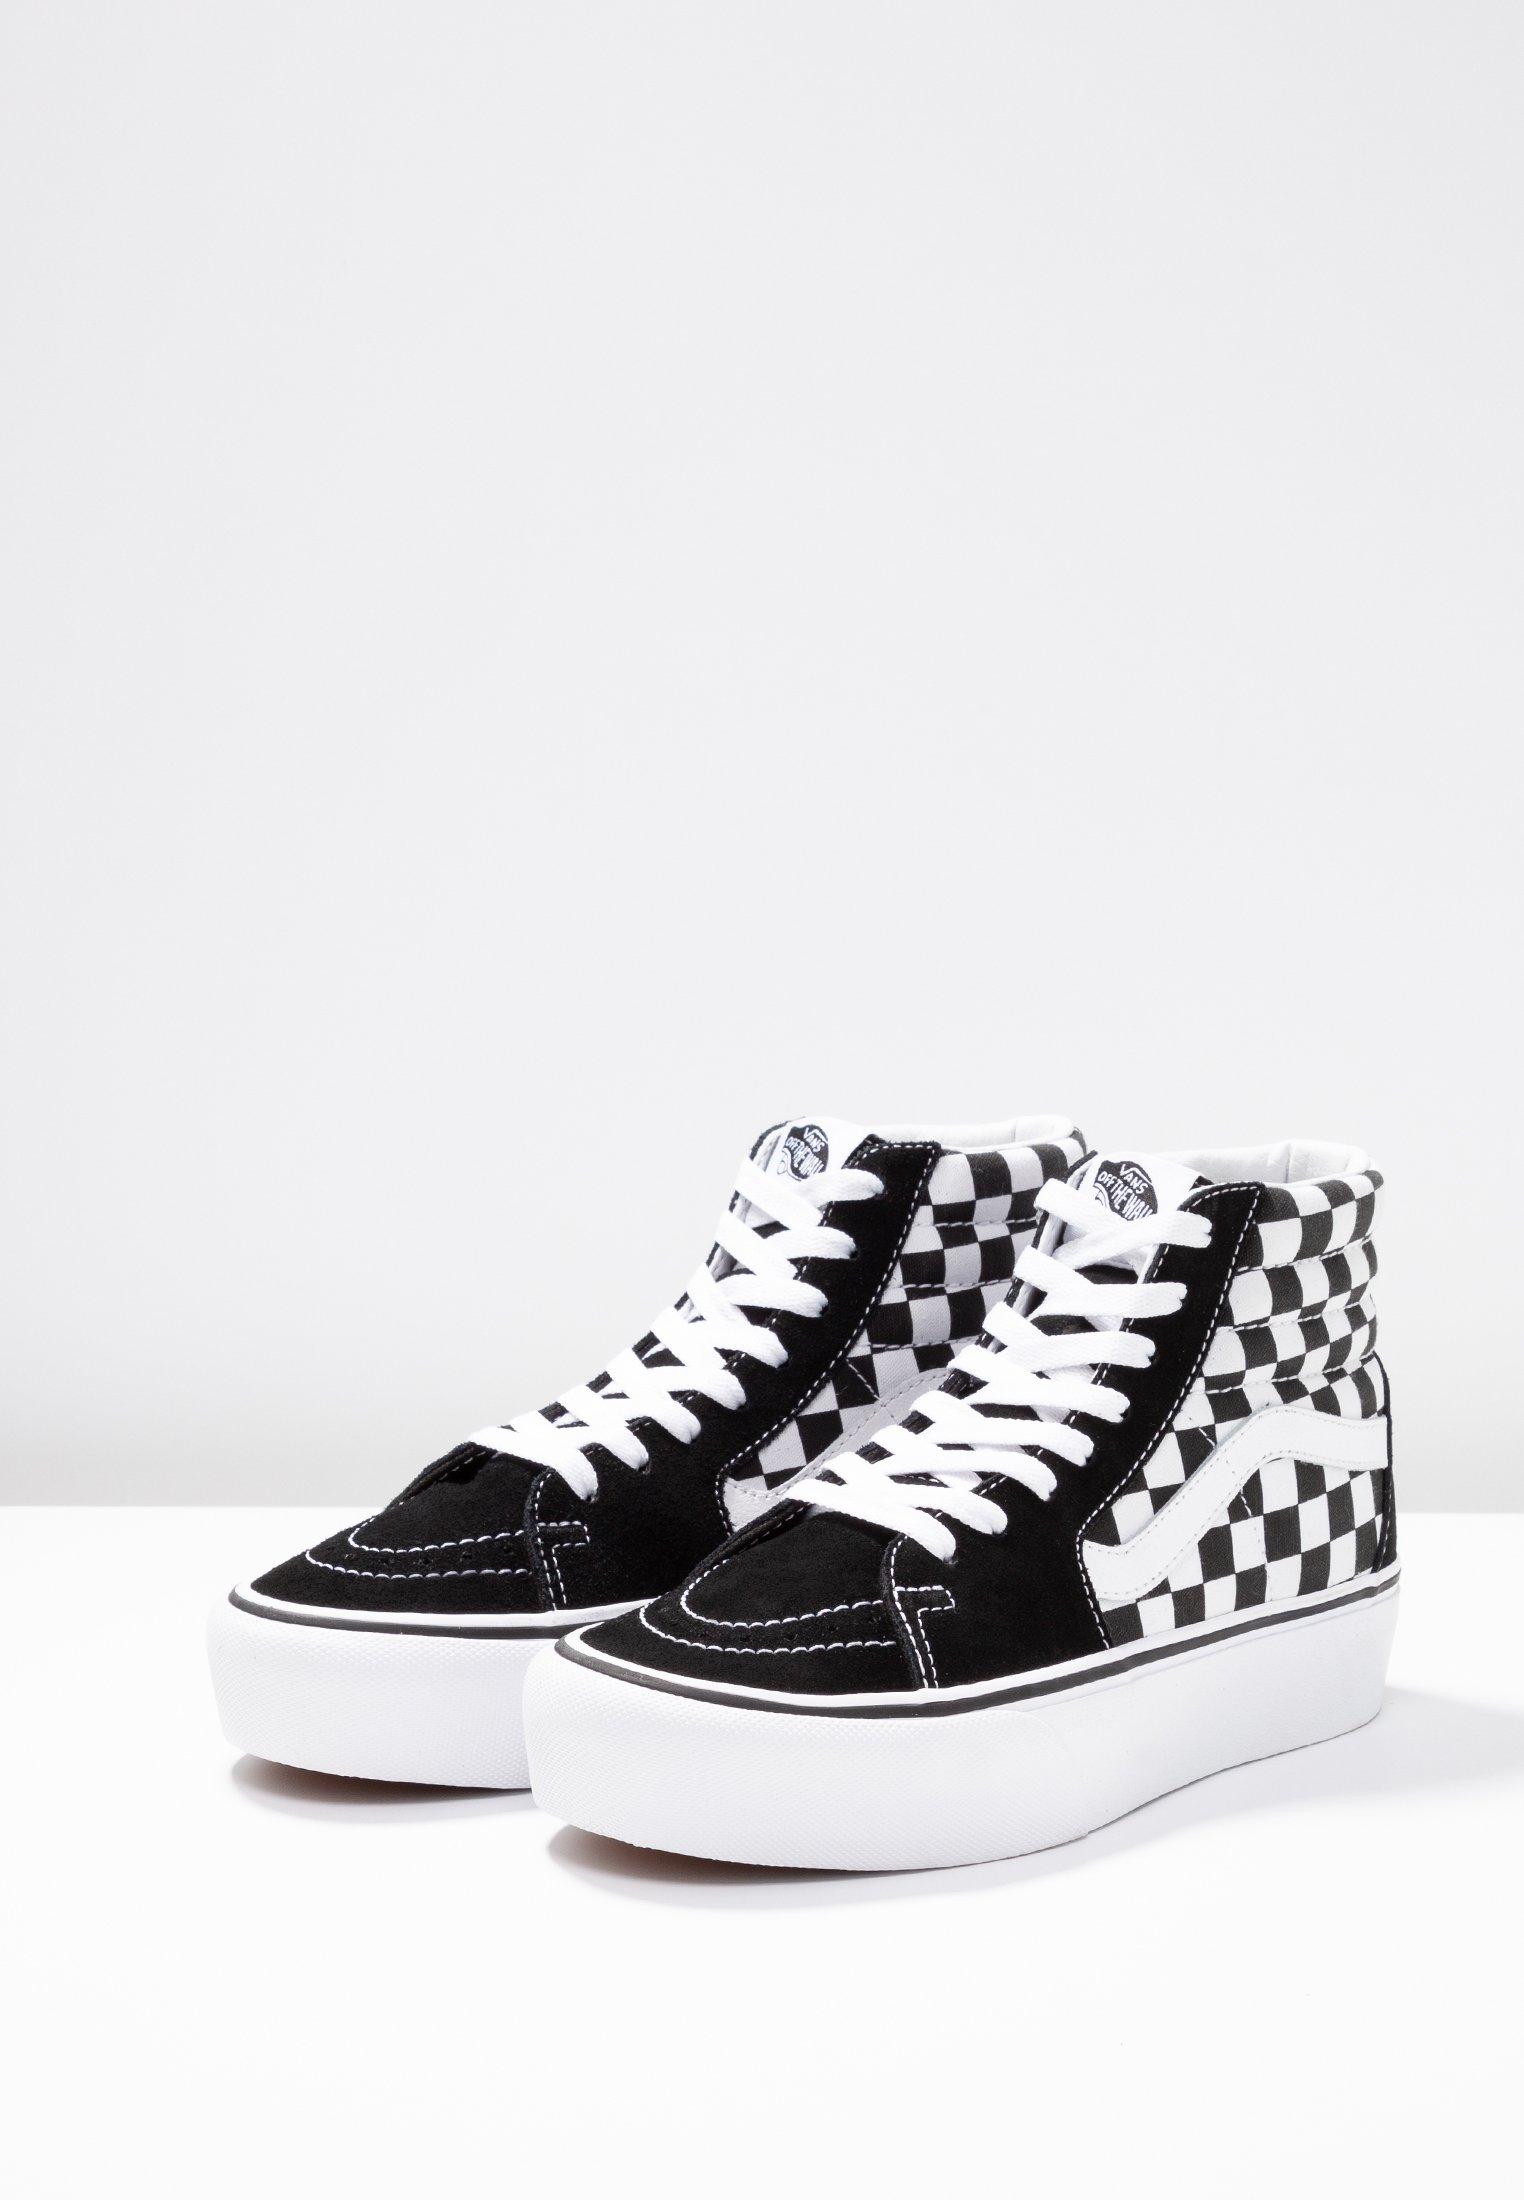 SK8 PLATFORM 2.0 Sneaker high black